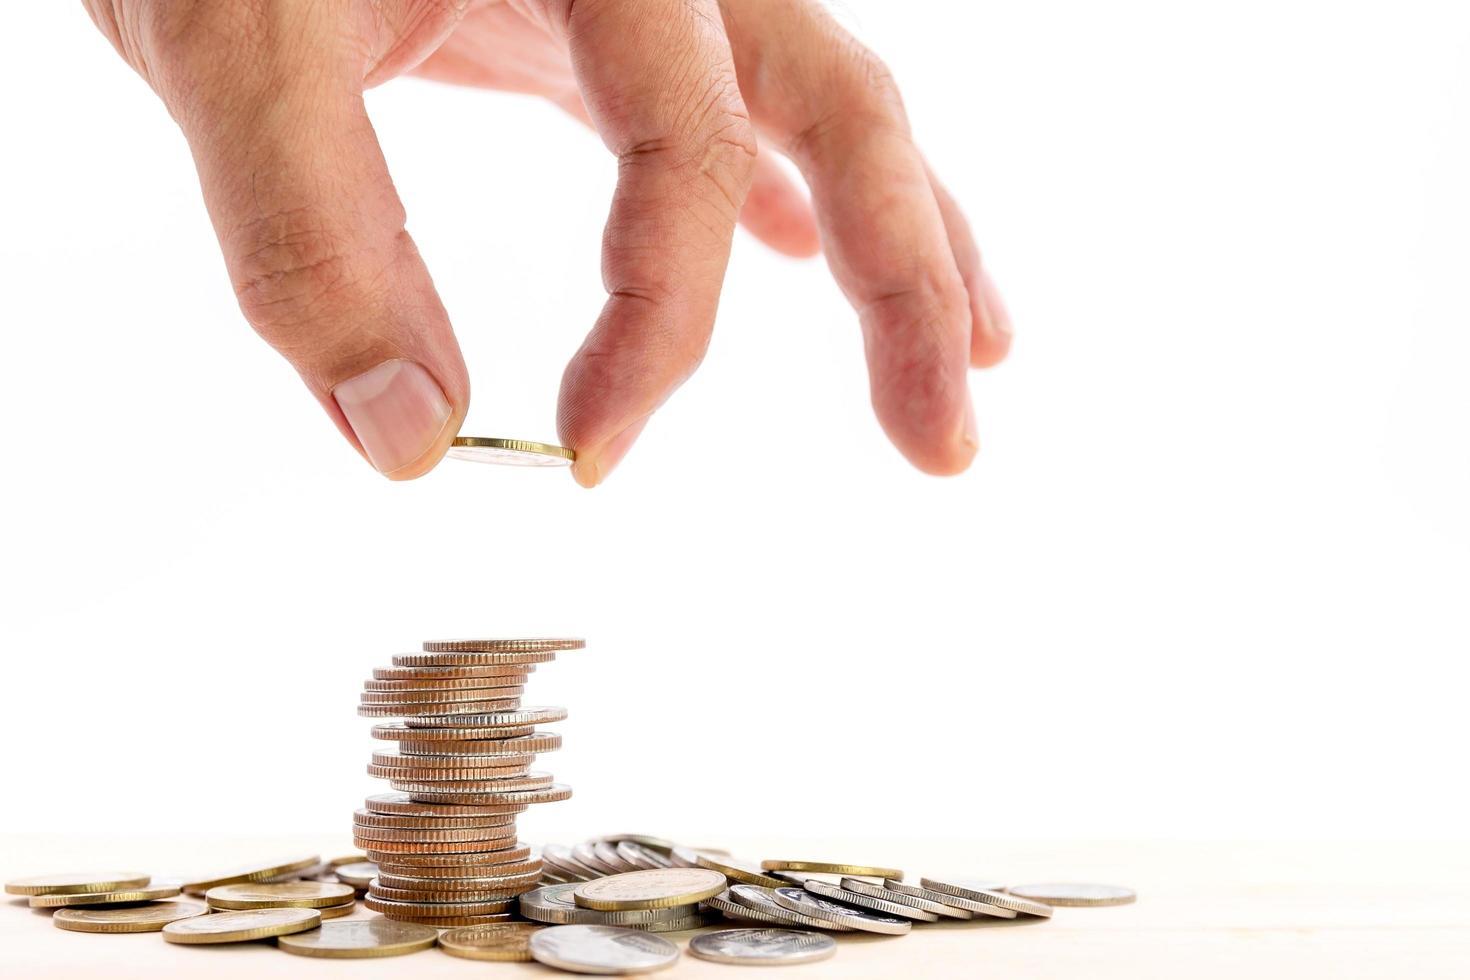 mänsklig hand som lägger ett mynt på en hög med mynt på vit bakgrund. foto